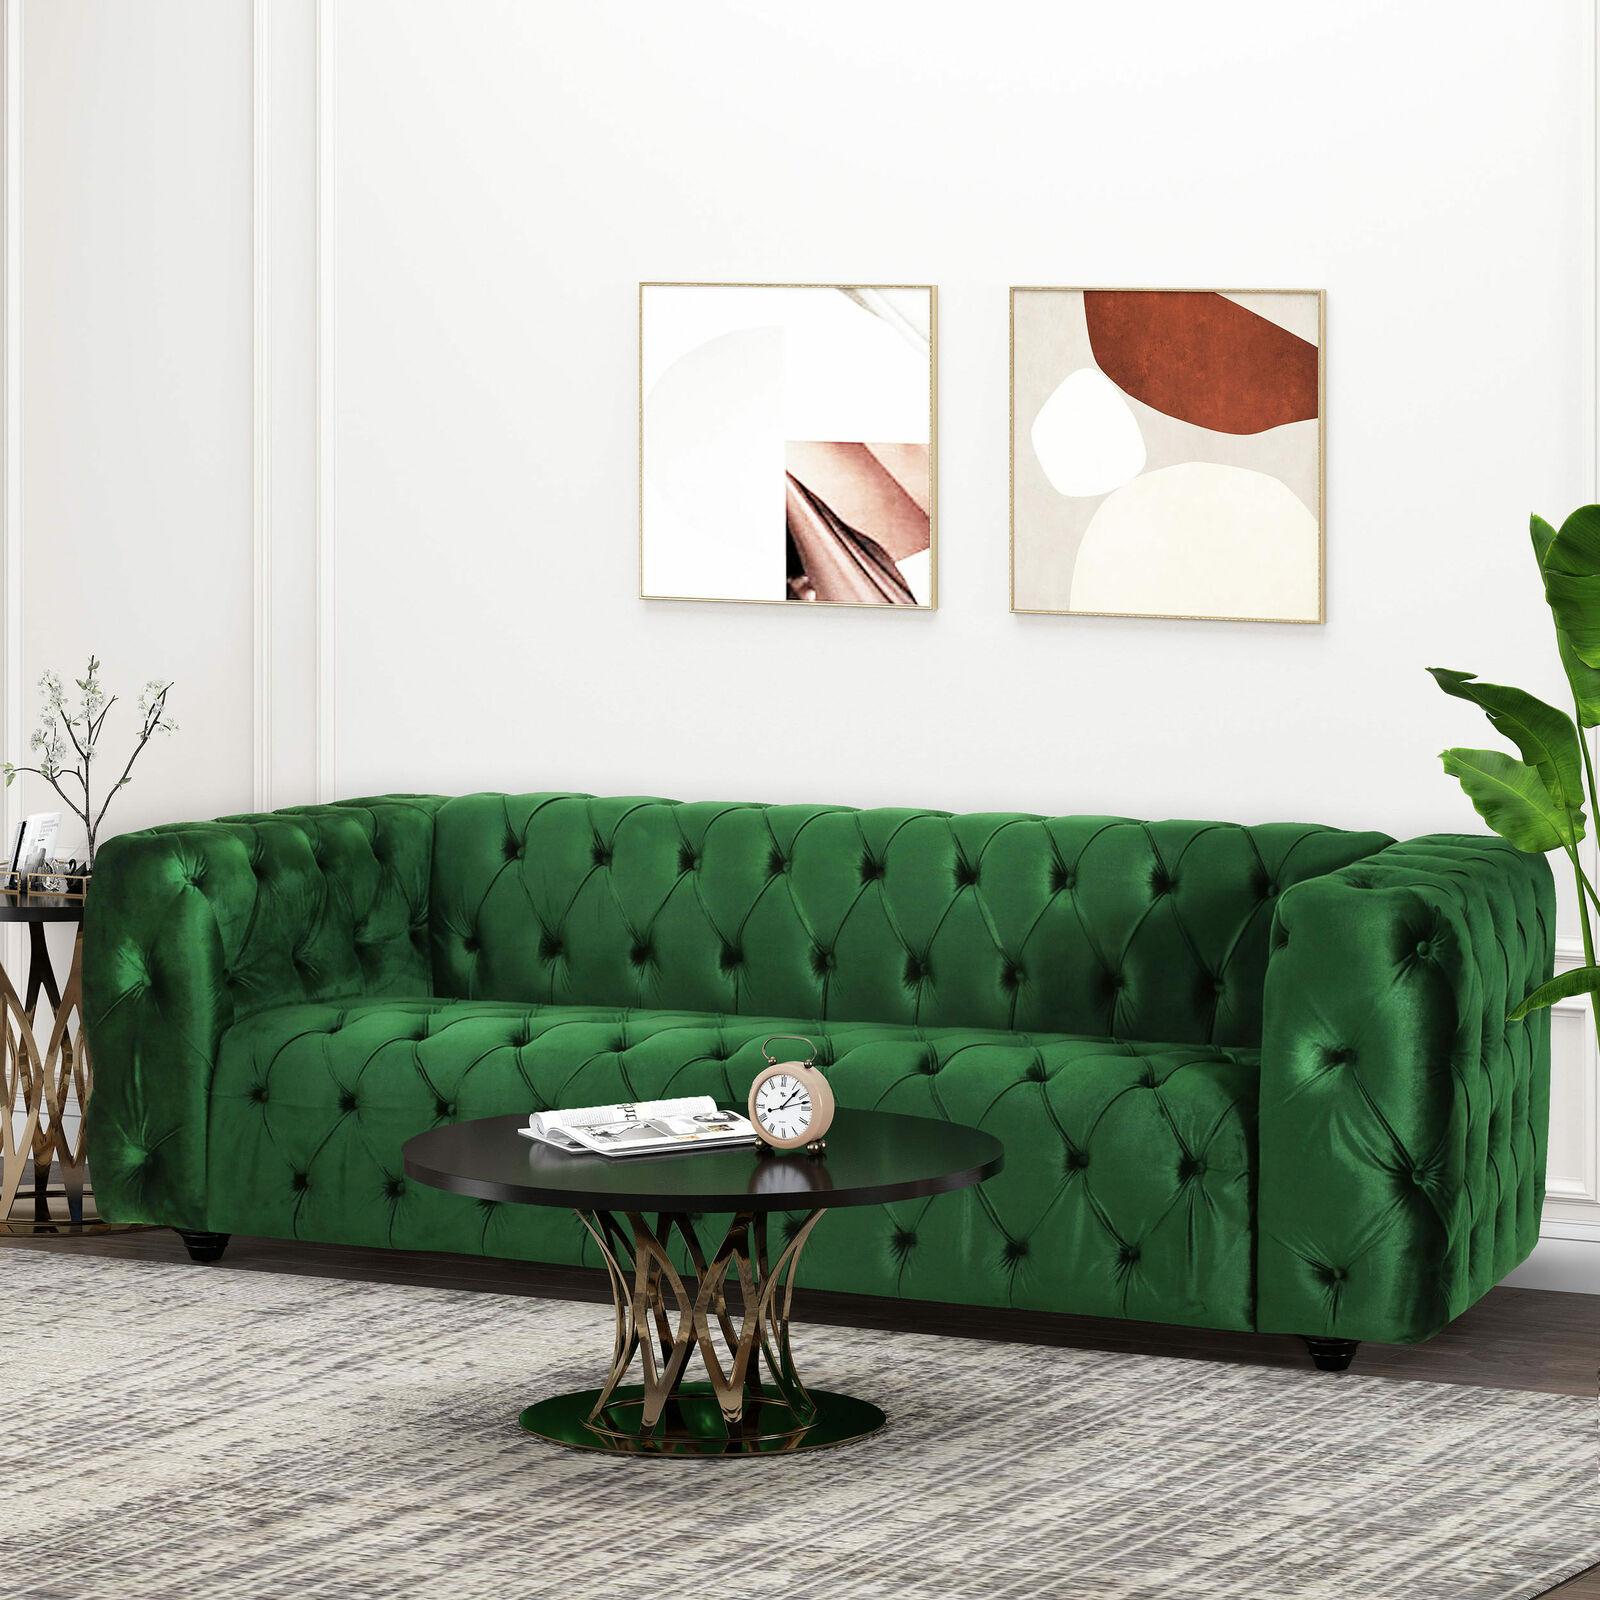 Marengo Contemporary Velvet Tufted 3 Seater Sofa Furniture